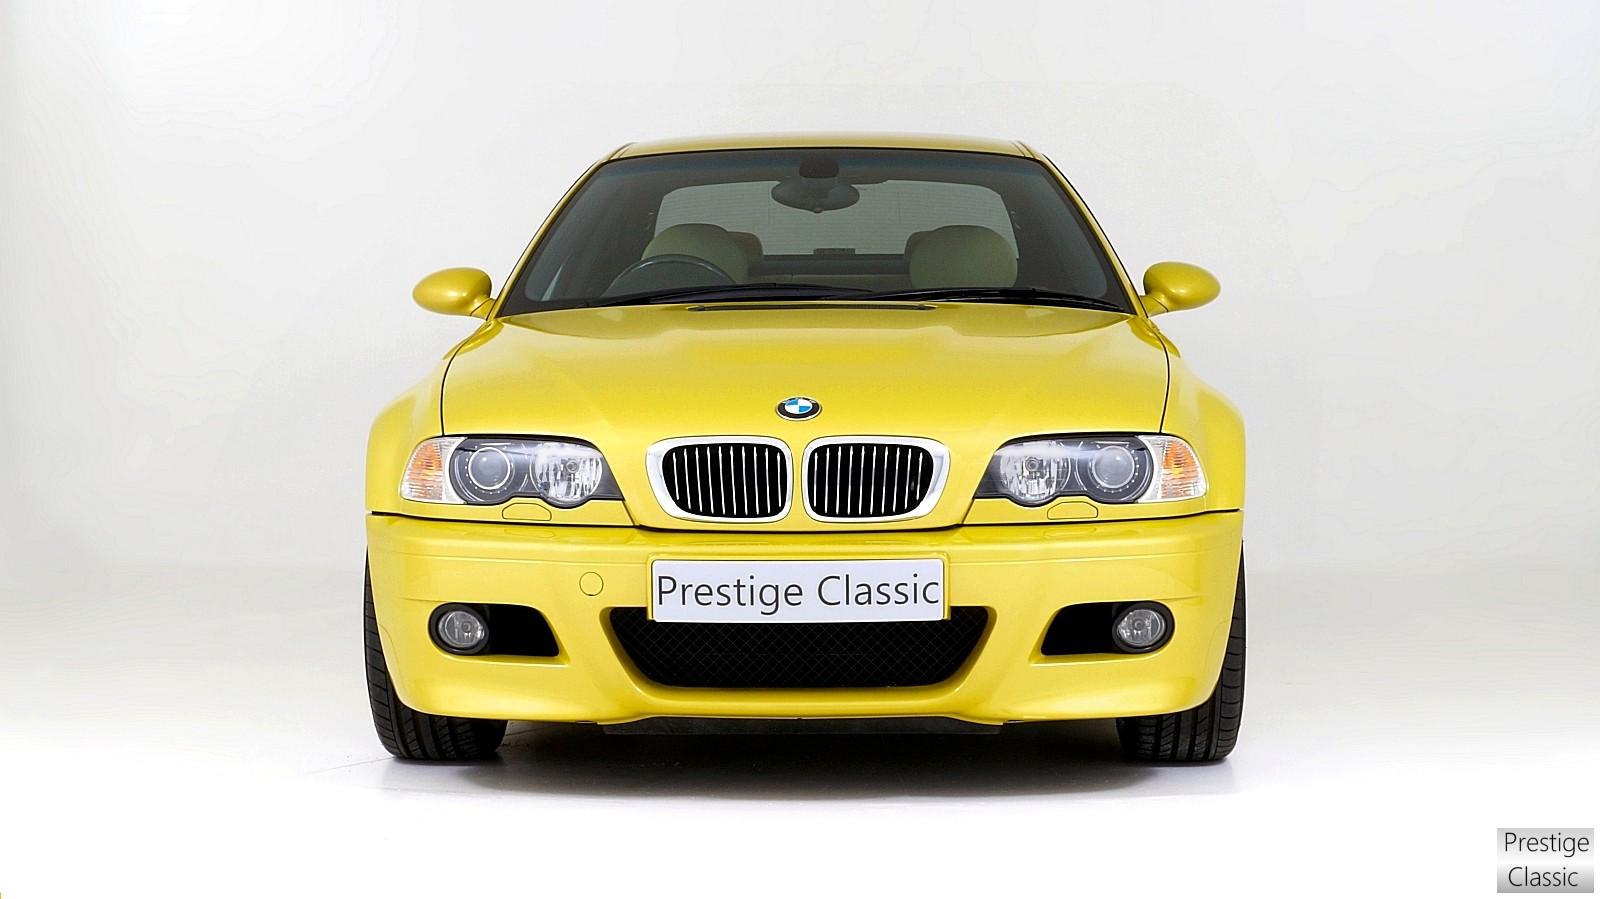 Prestige Classic E46 M3 Gallery